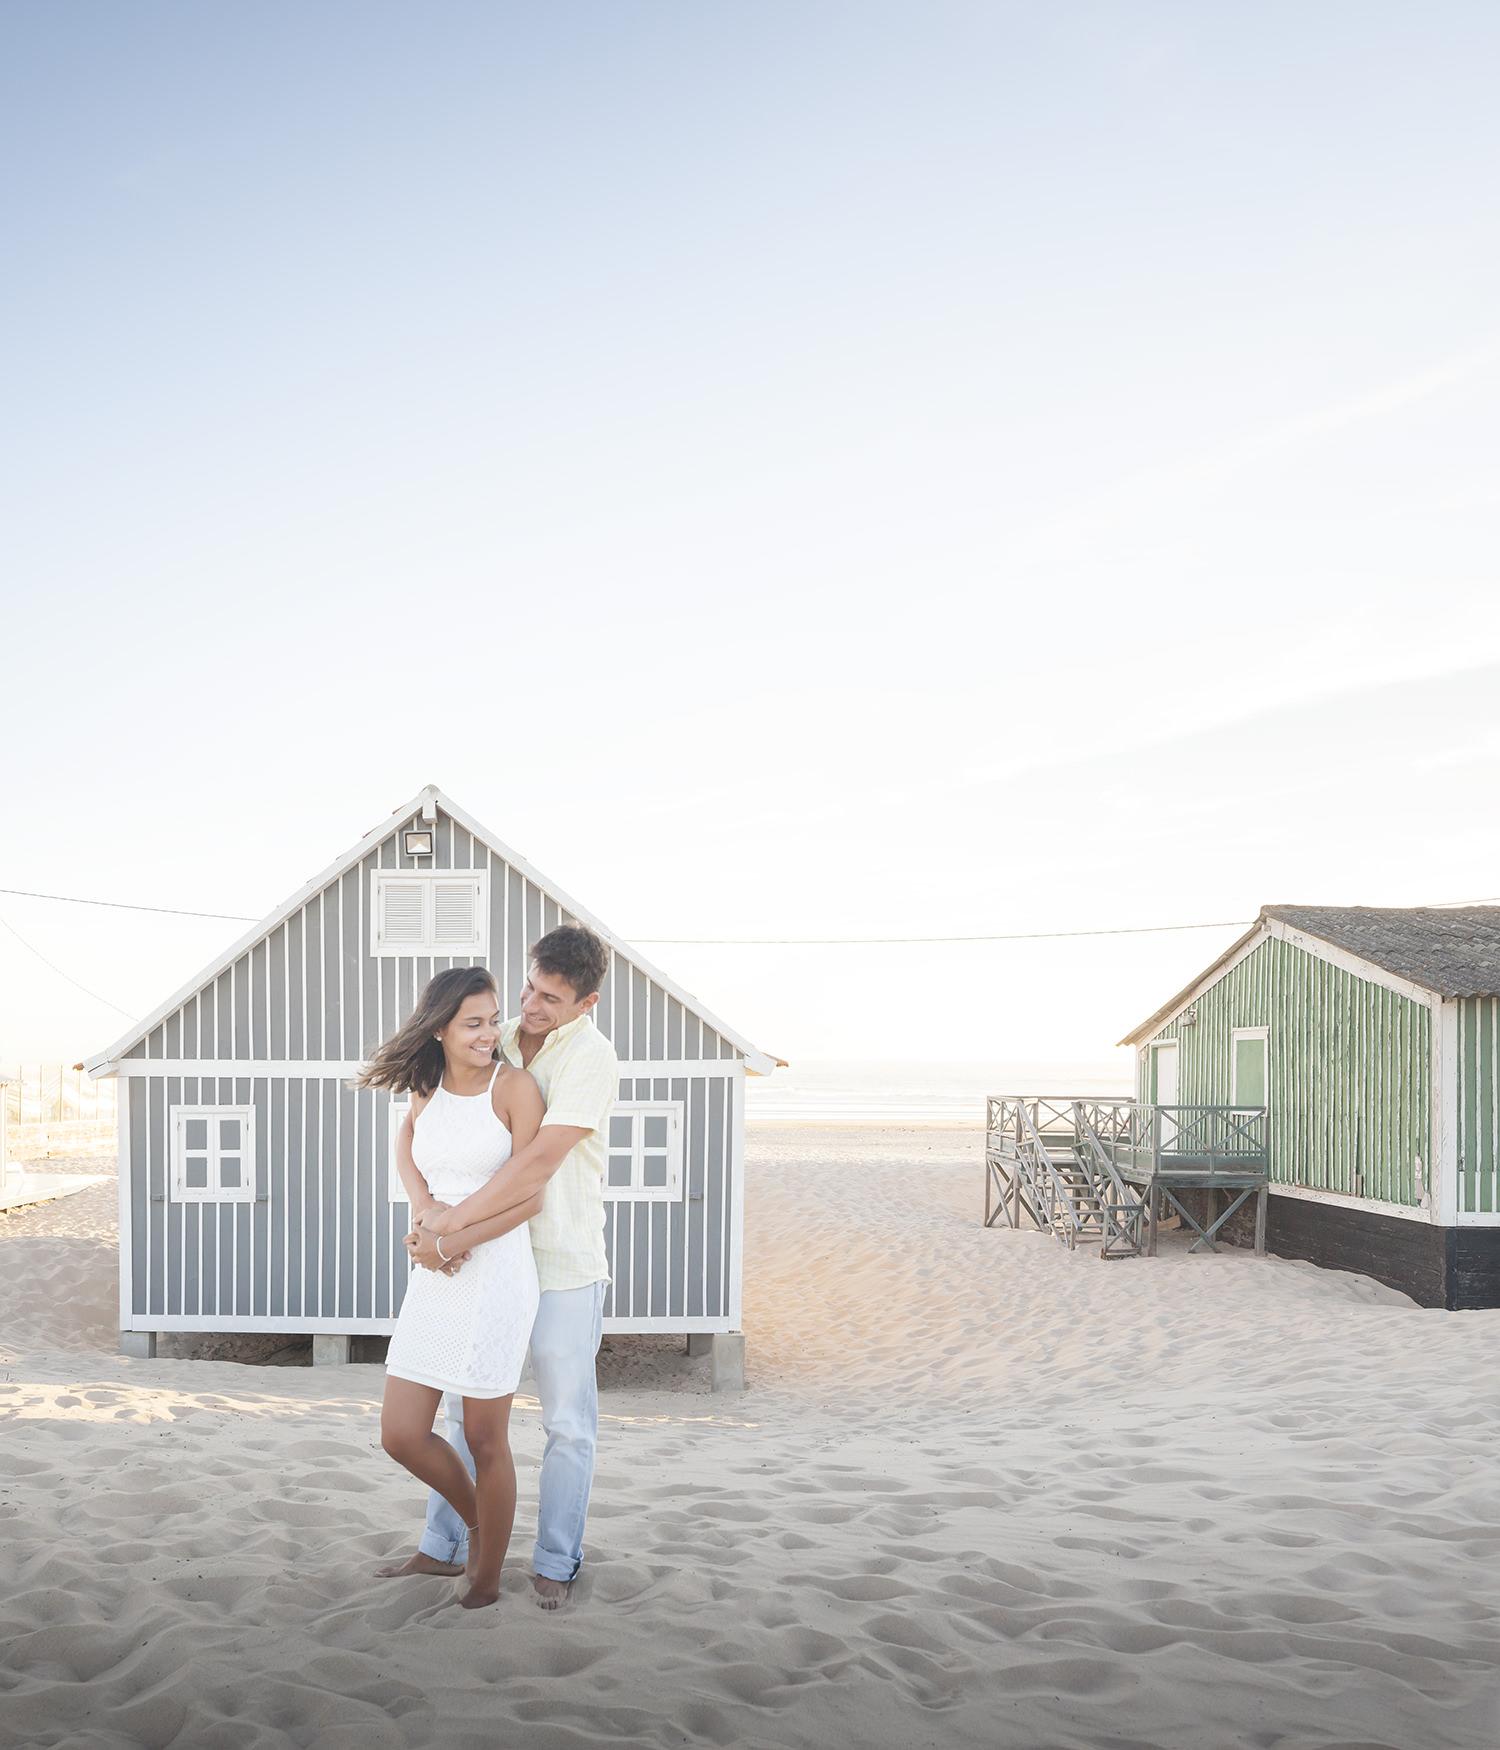 praia-saude-engagement-photographer-terra-fotografia-017.jpg